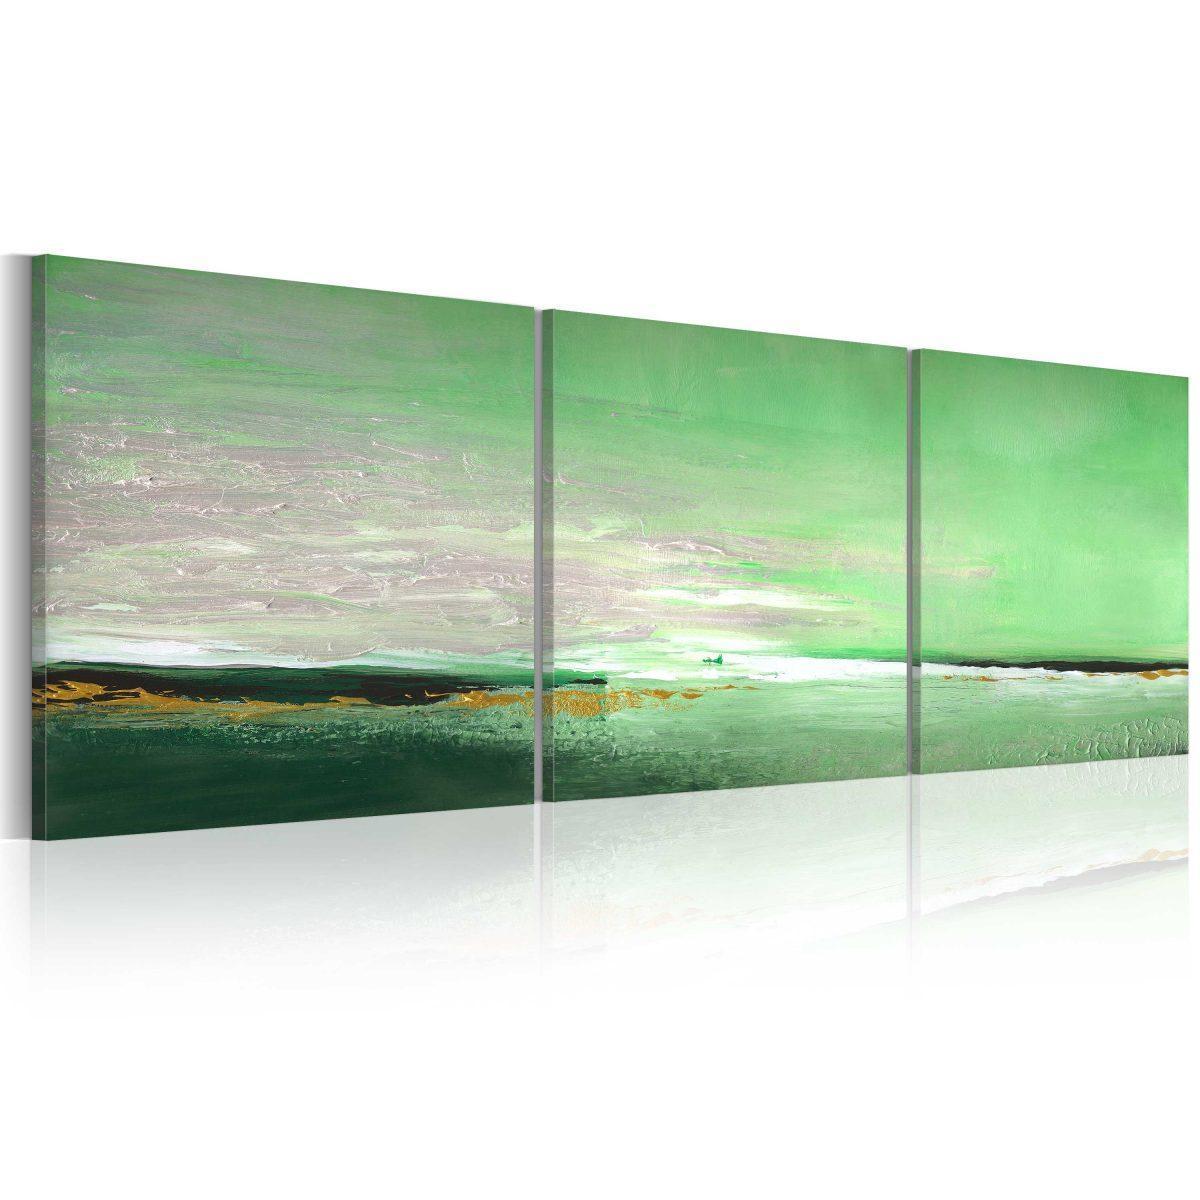 Handmålad tavla - Sea-grön kust